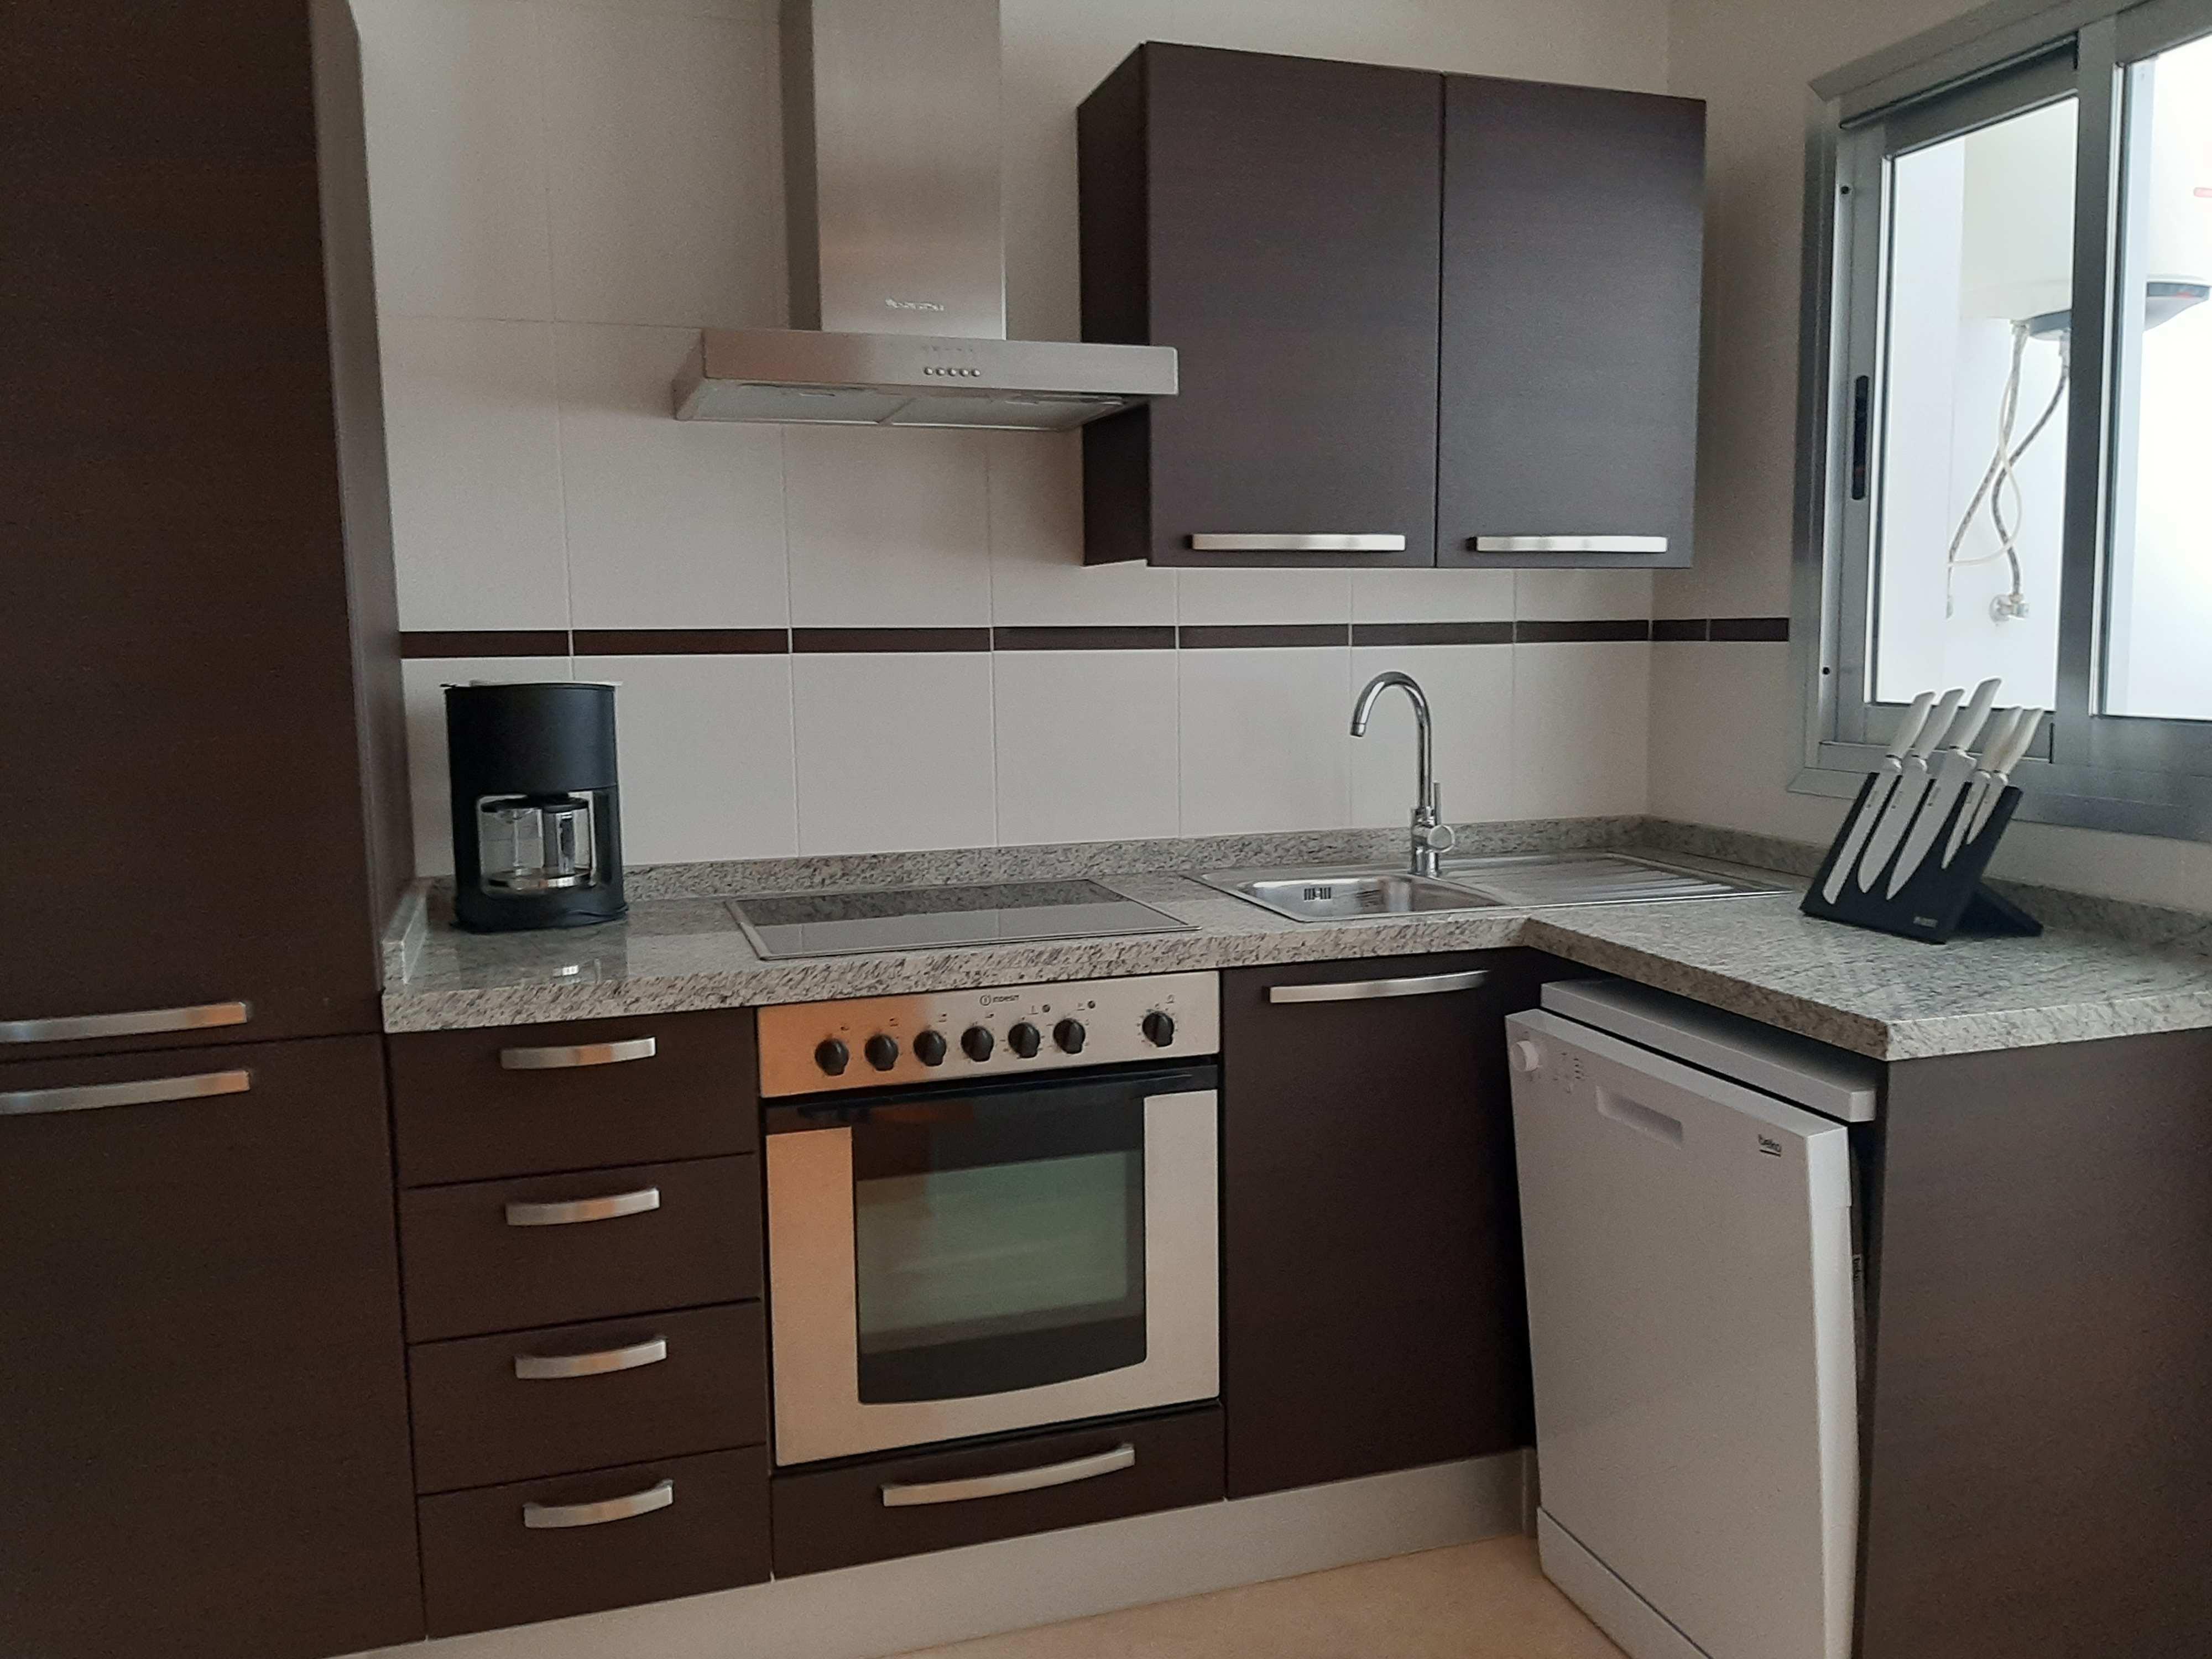 Fotogalería - 5 - Olea-Home | Real Estate en Orba y Teulada-Moraira |